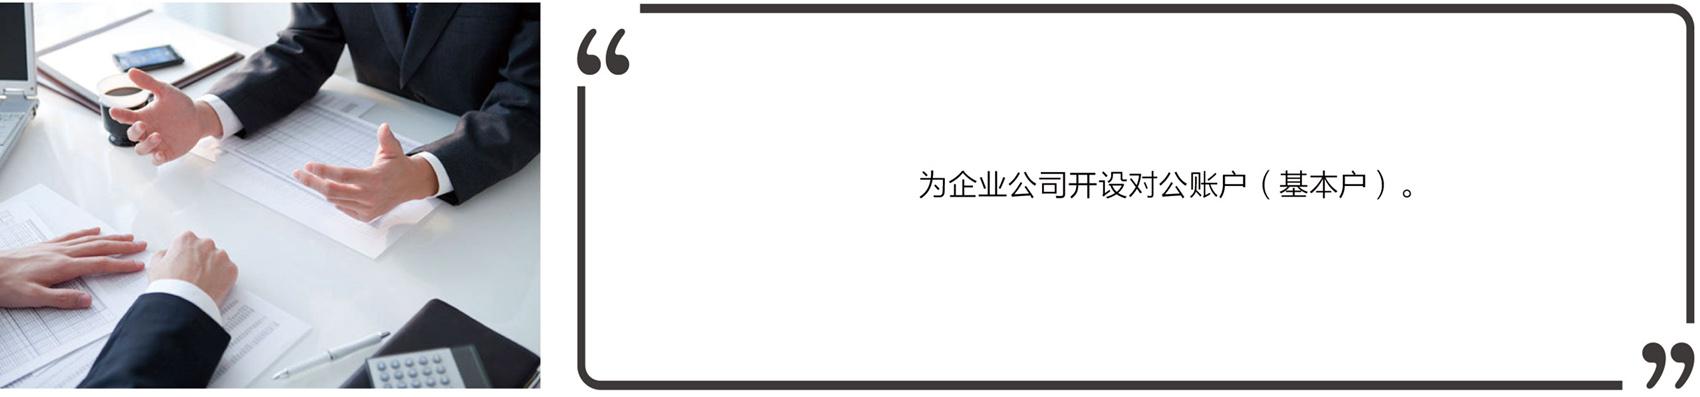 银行开户_03.jpg